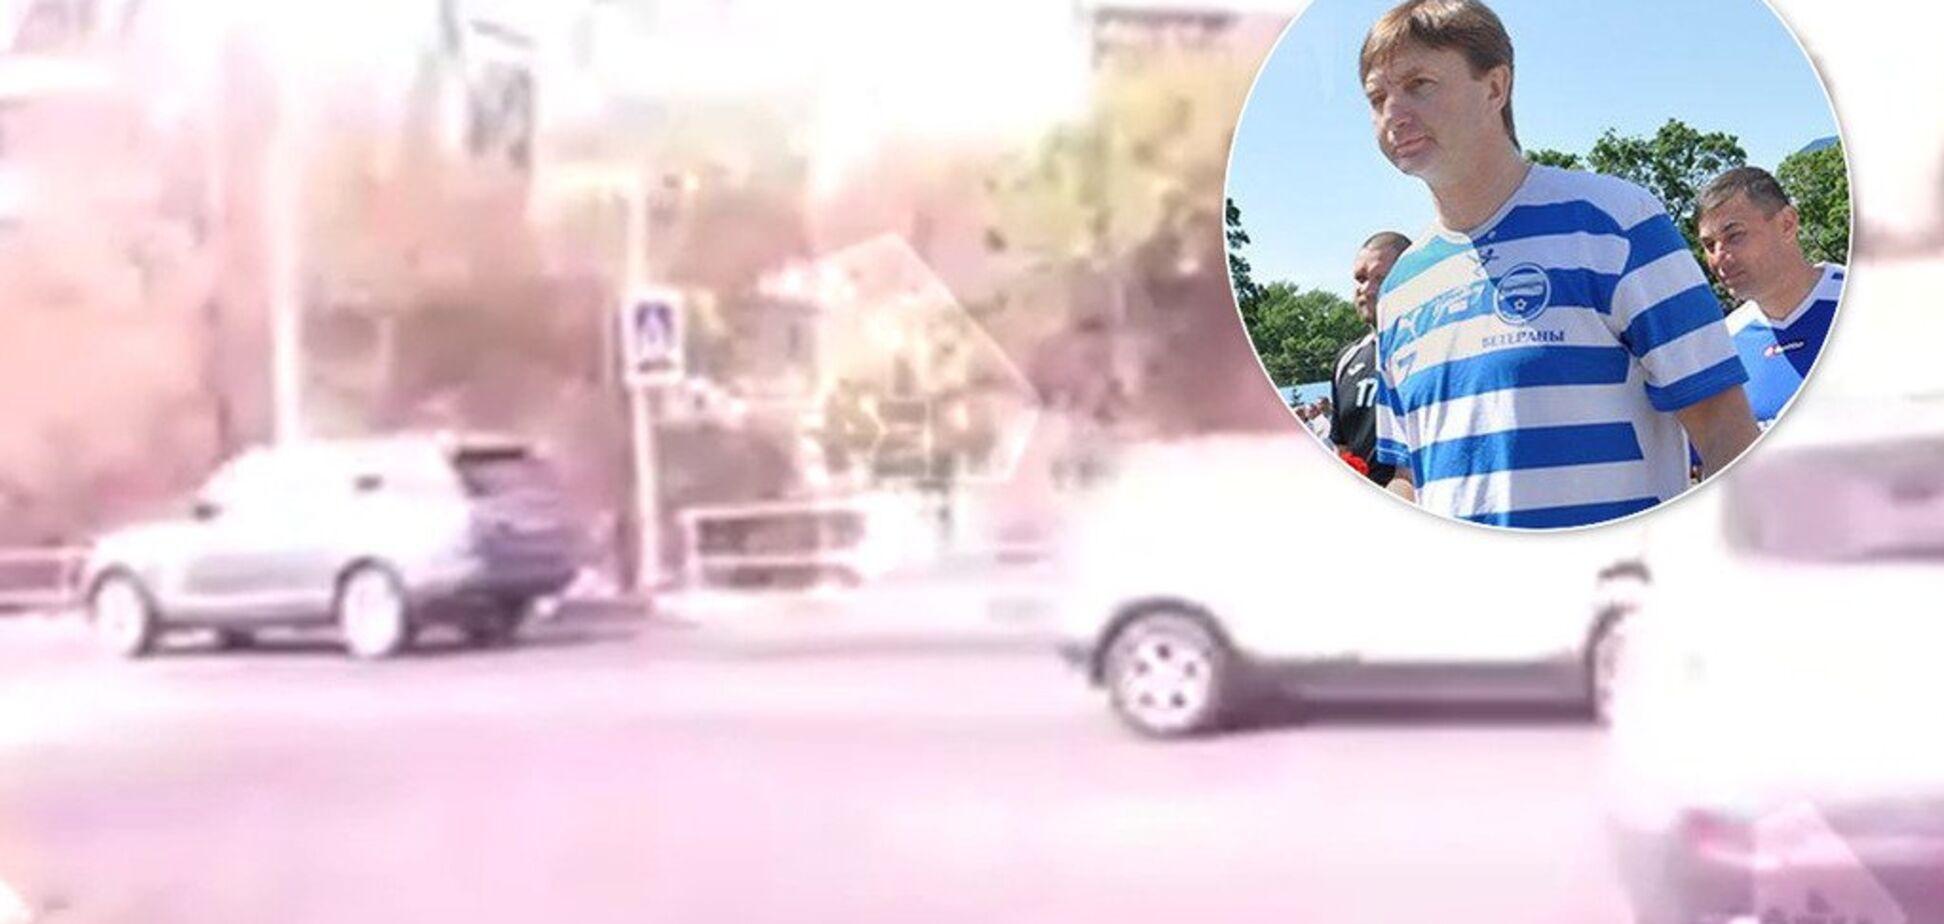 Знаменитый российский экс-футболист пьяным сбил ребенка на 'зебре' - момент попал на видео